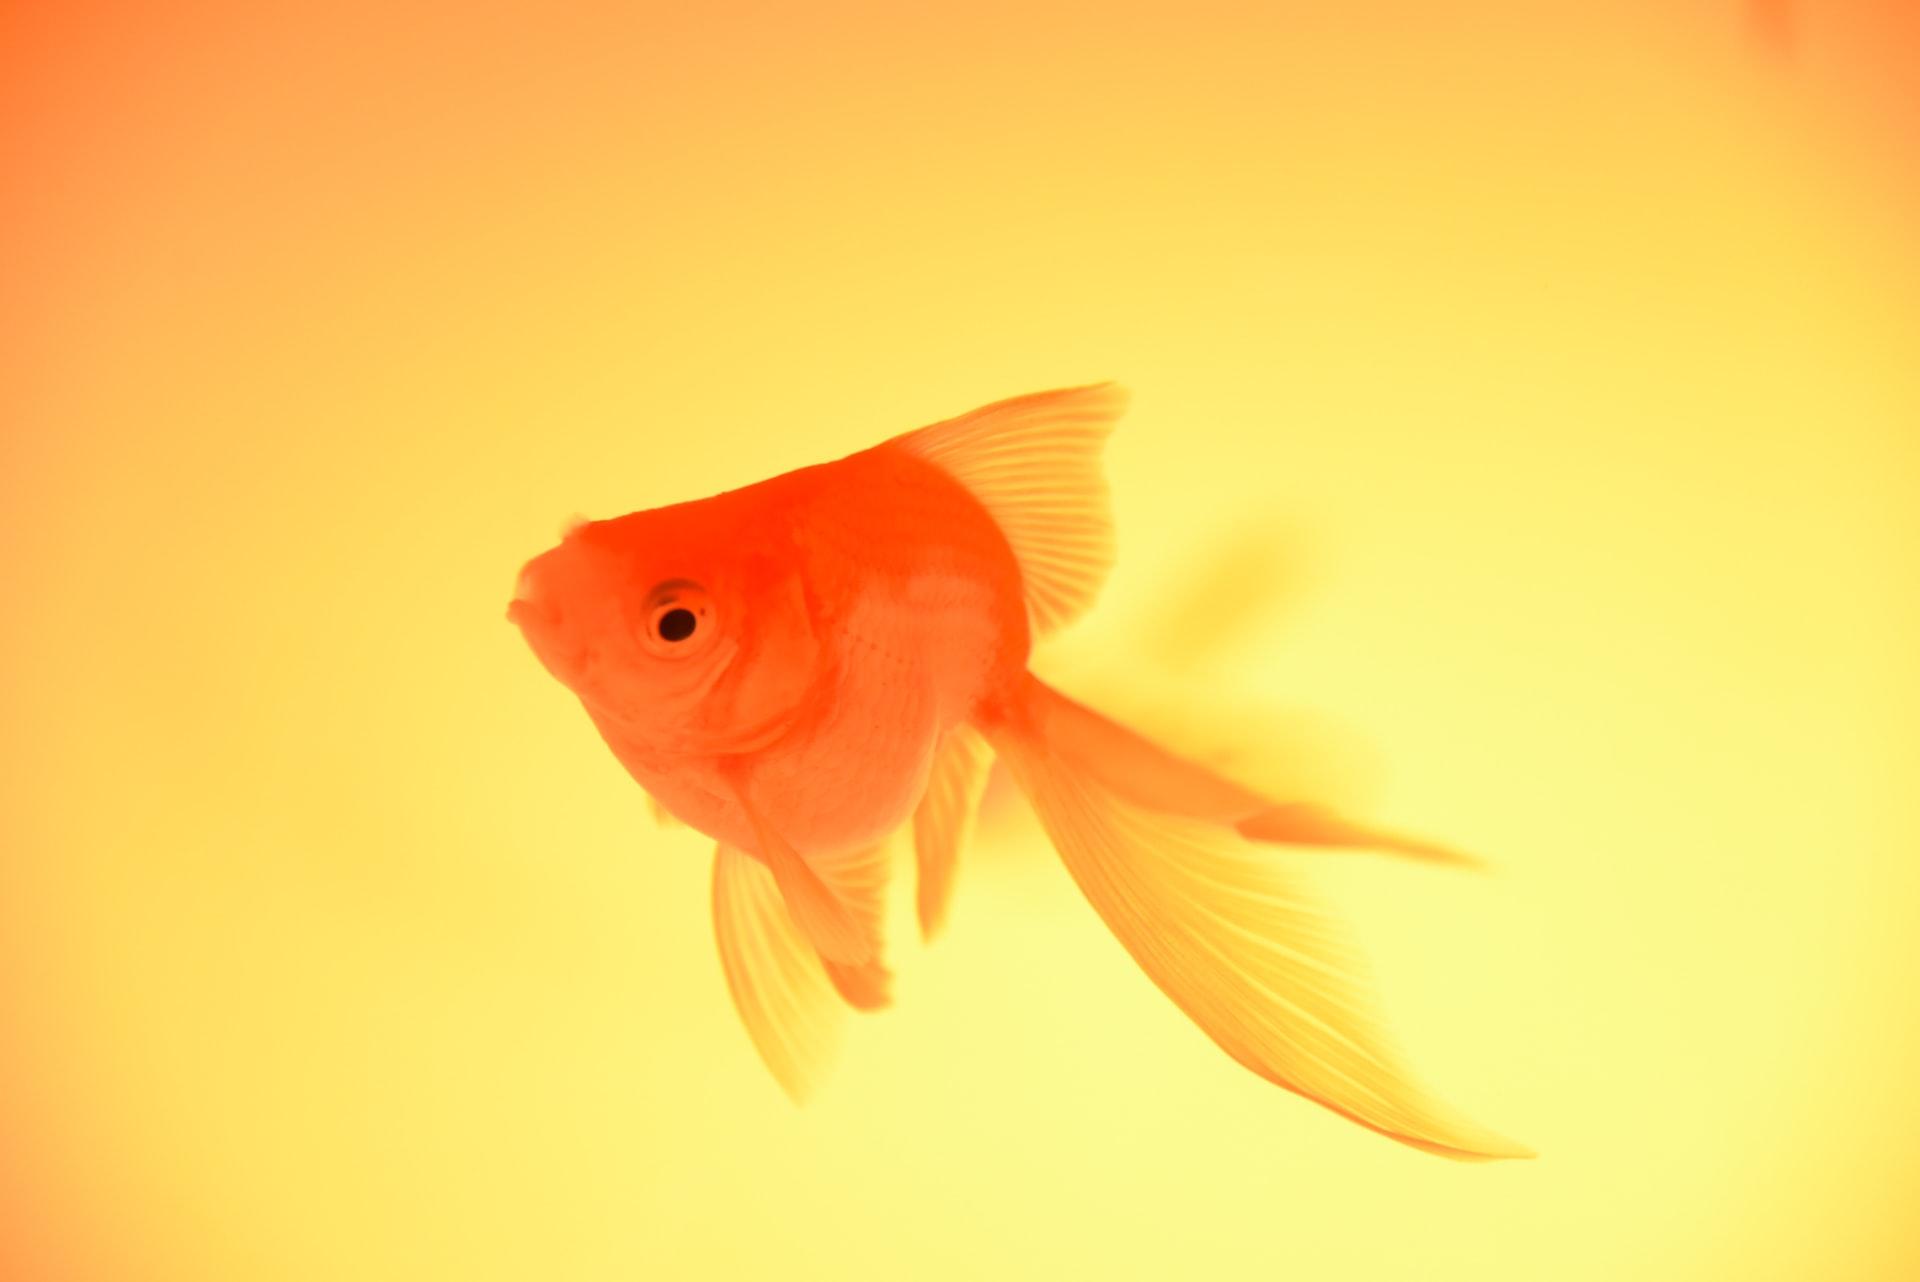 Der Goldfisch trägt seine Assoziation als Glücksbringer Tier bereits im Namen